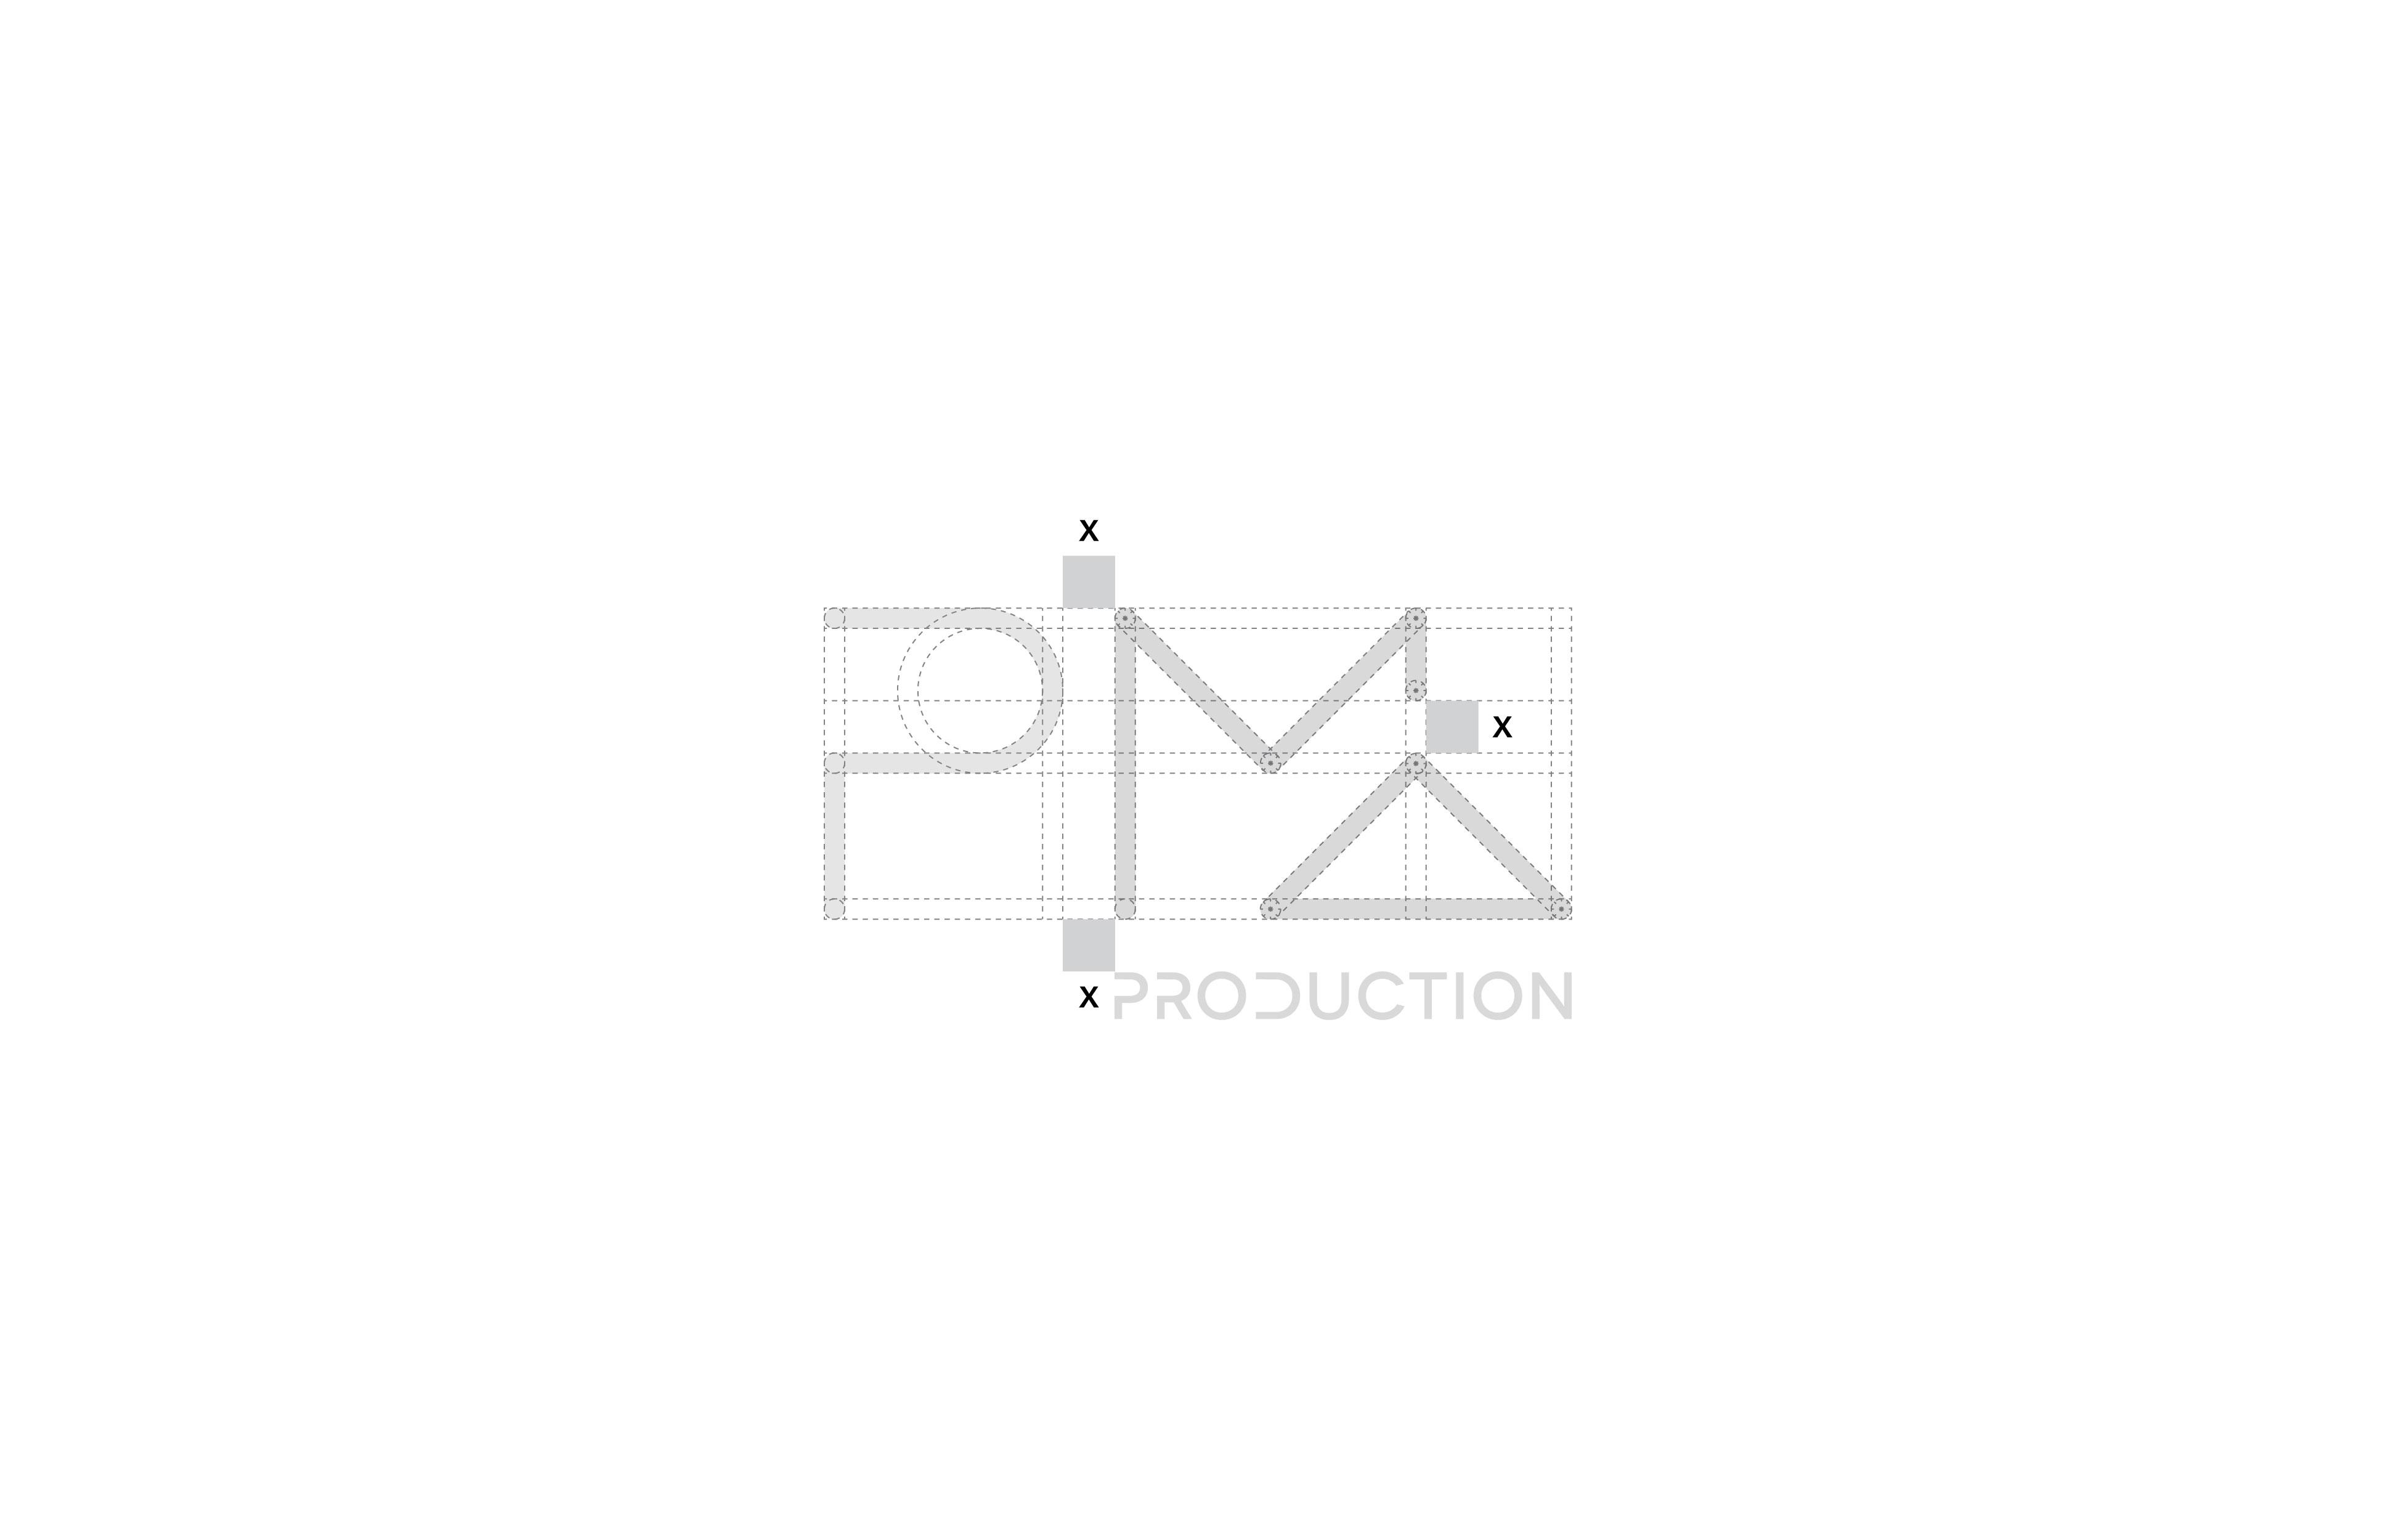 pma-03